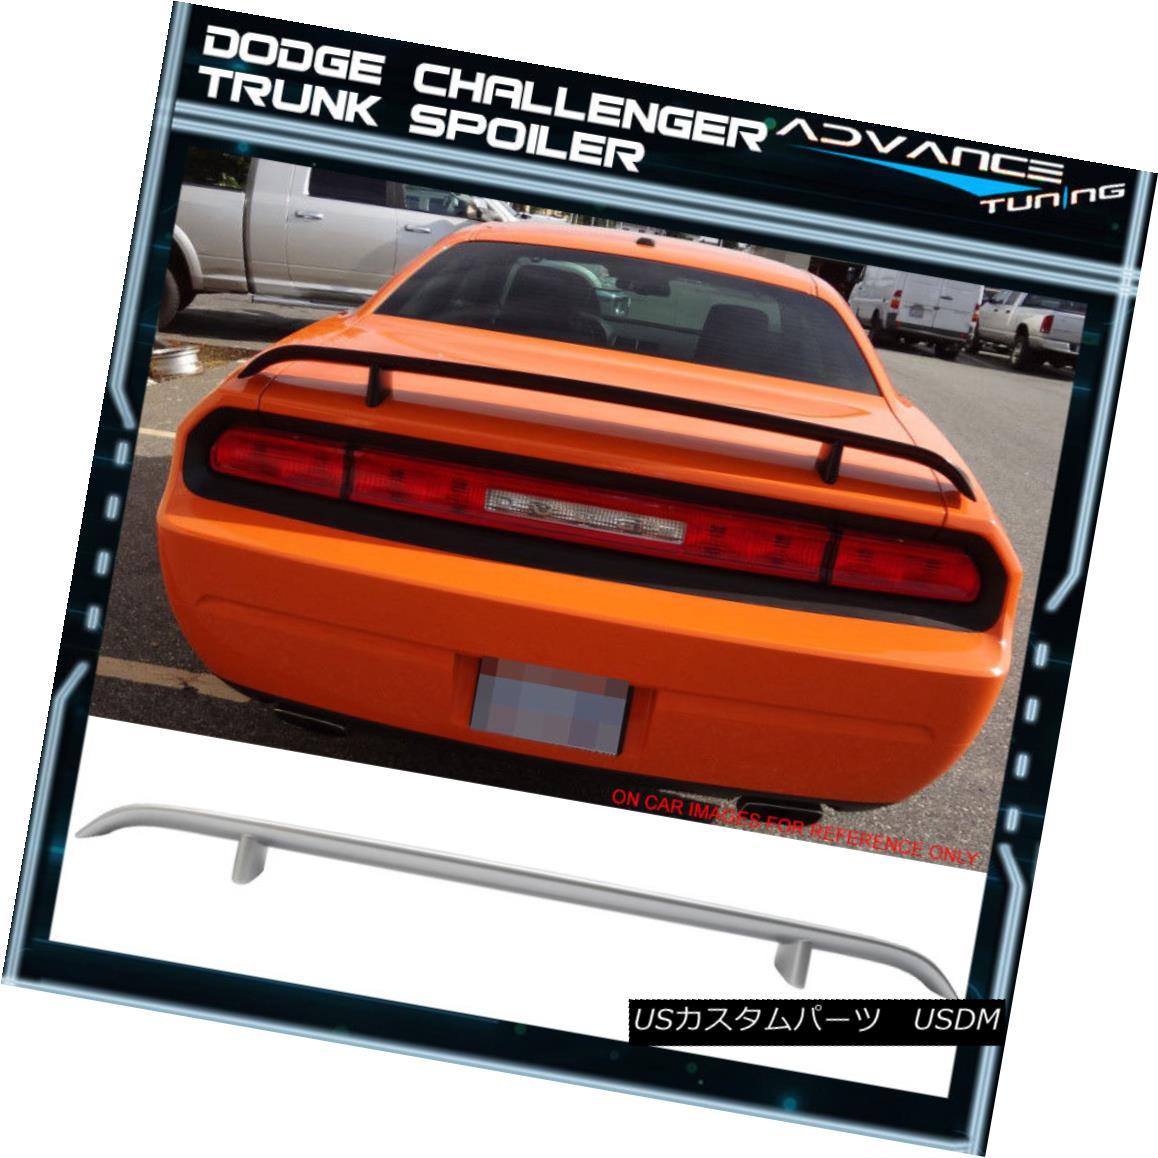 エアロパーツ 08-14 Dodge Challenger Trunk Spoiler OEM Painted #PS2 Bright Silver Metallic 08-14ダッジチャレンジャートランクスポイラーOEM塗装#PS2ブライトシルバーメタリック